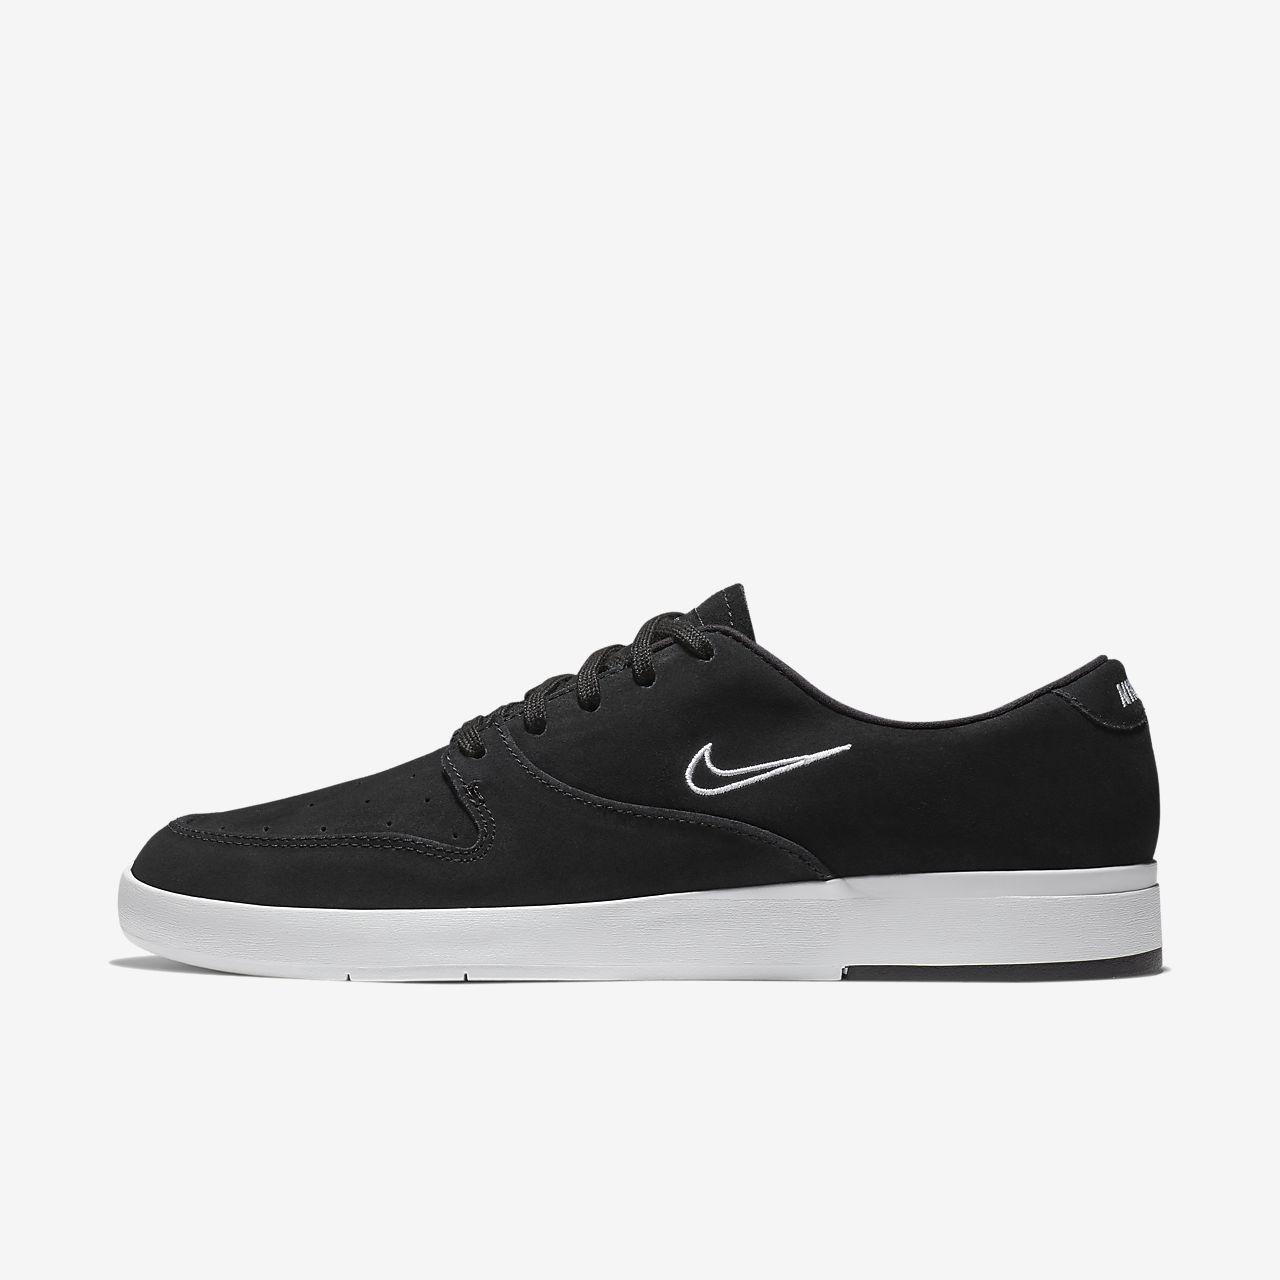 ... Chaussure de skateboard Nike SB Zoom Paul Rodriguez Ten pour Homme